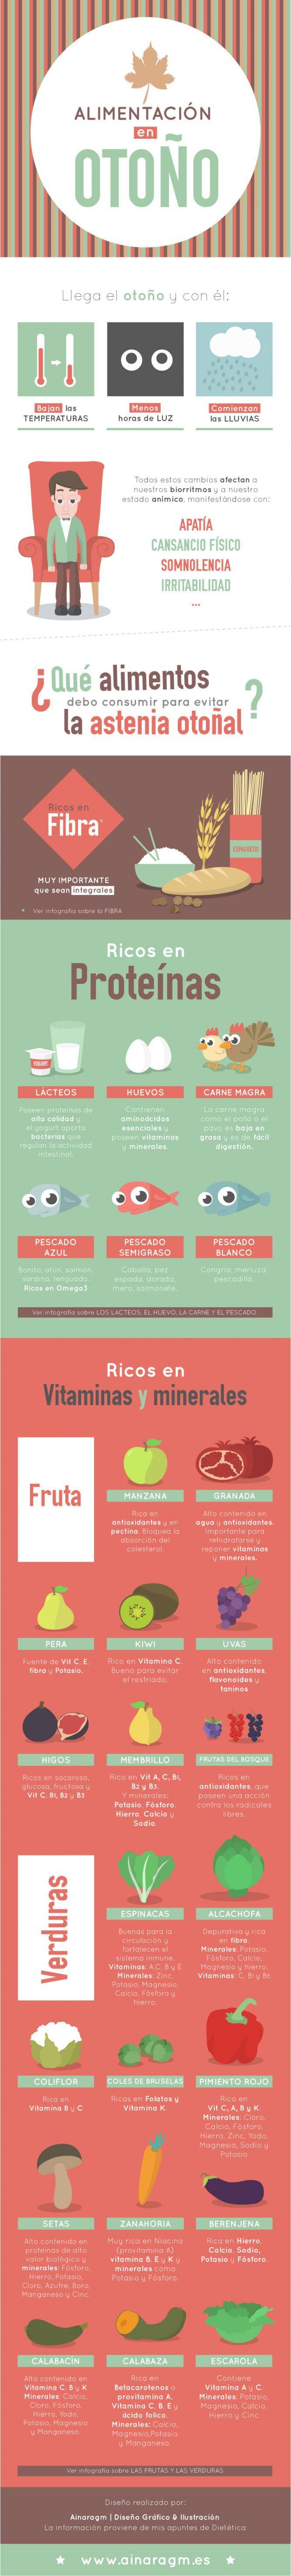 Infografía sobre la alimentación en otoño para evitar la llamada astenia otoñal #infografia #salud #alimentacion #otoño #astenia #diseno #ilustracion